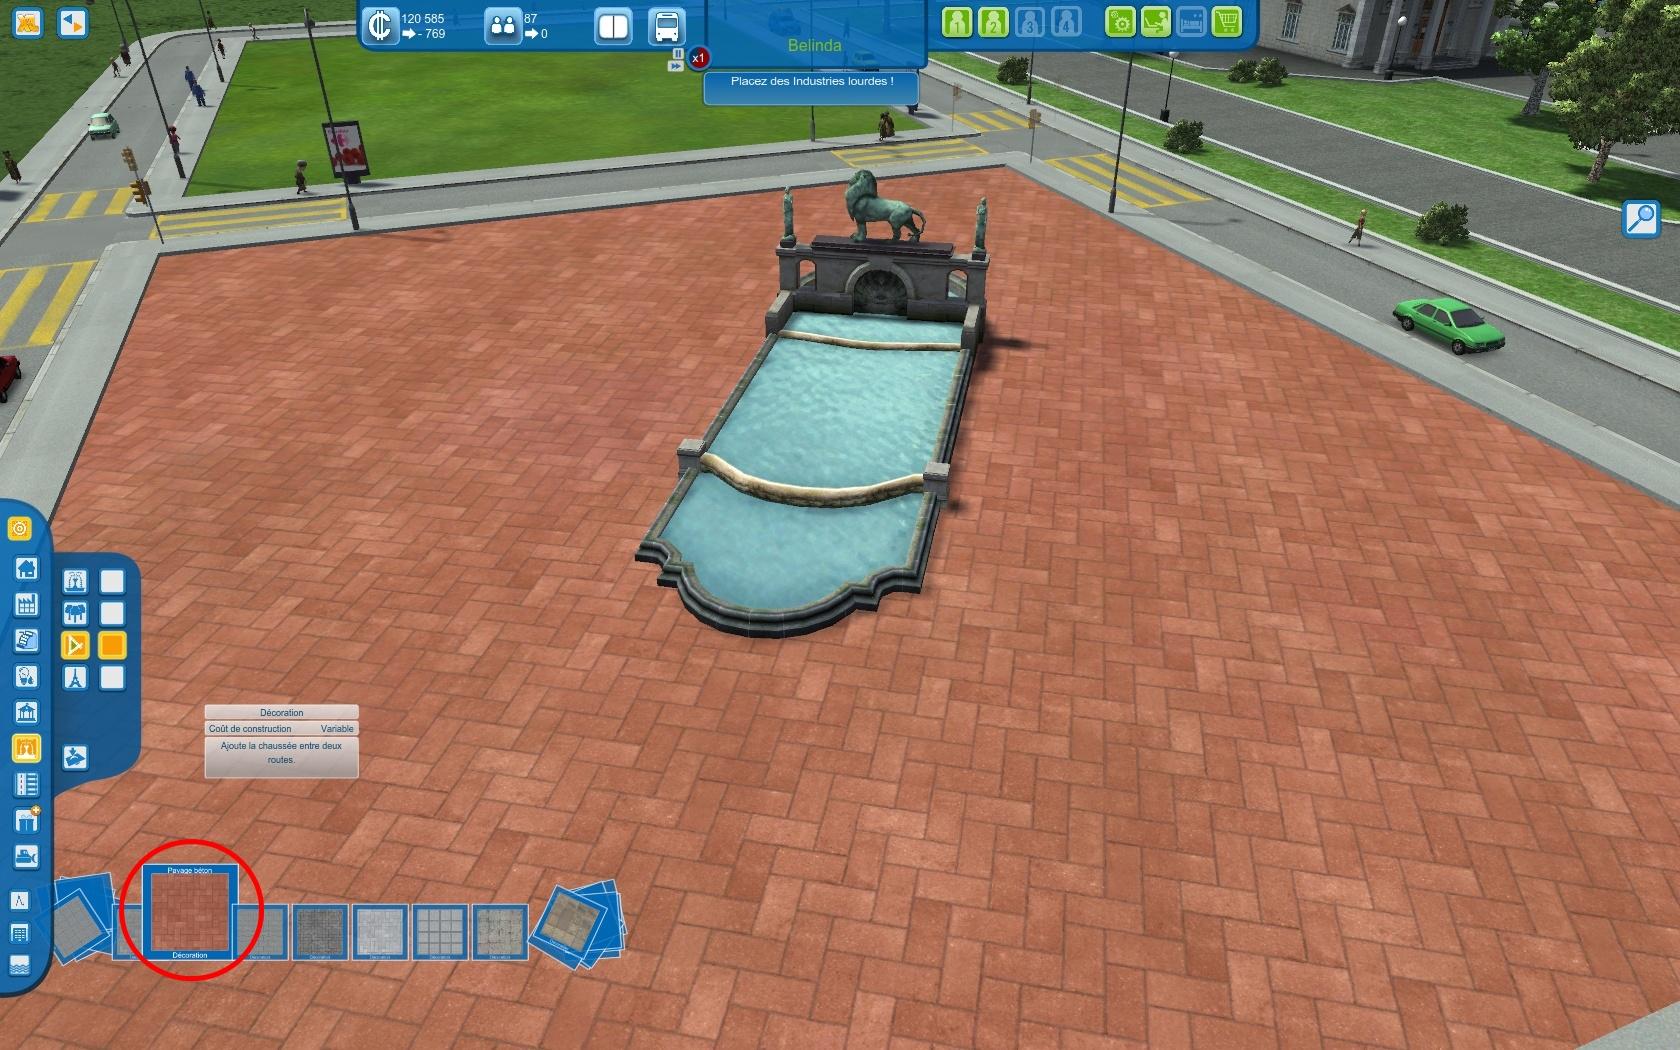 gamescreen0002 (2).jpg